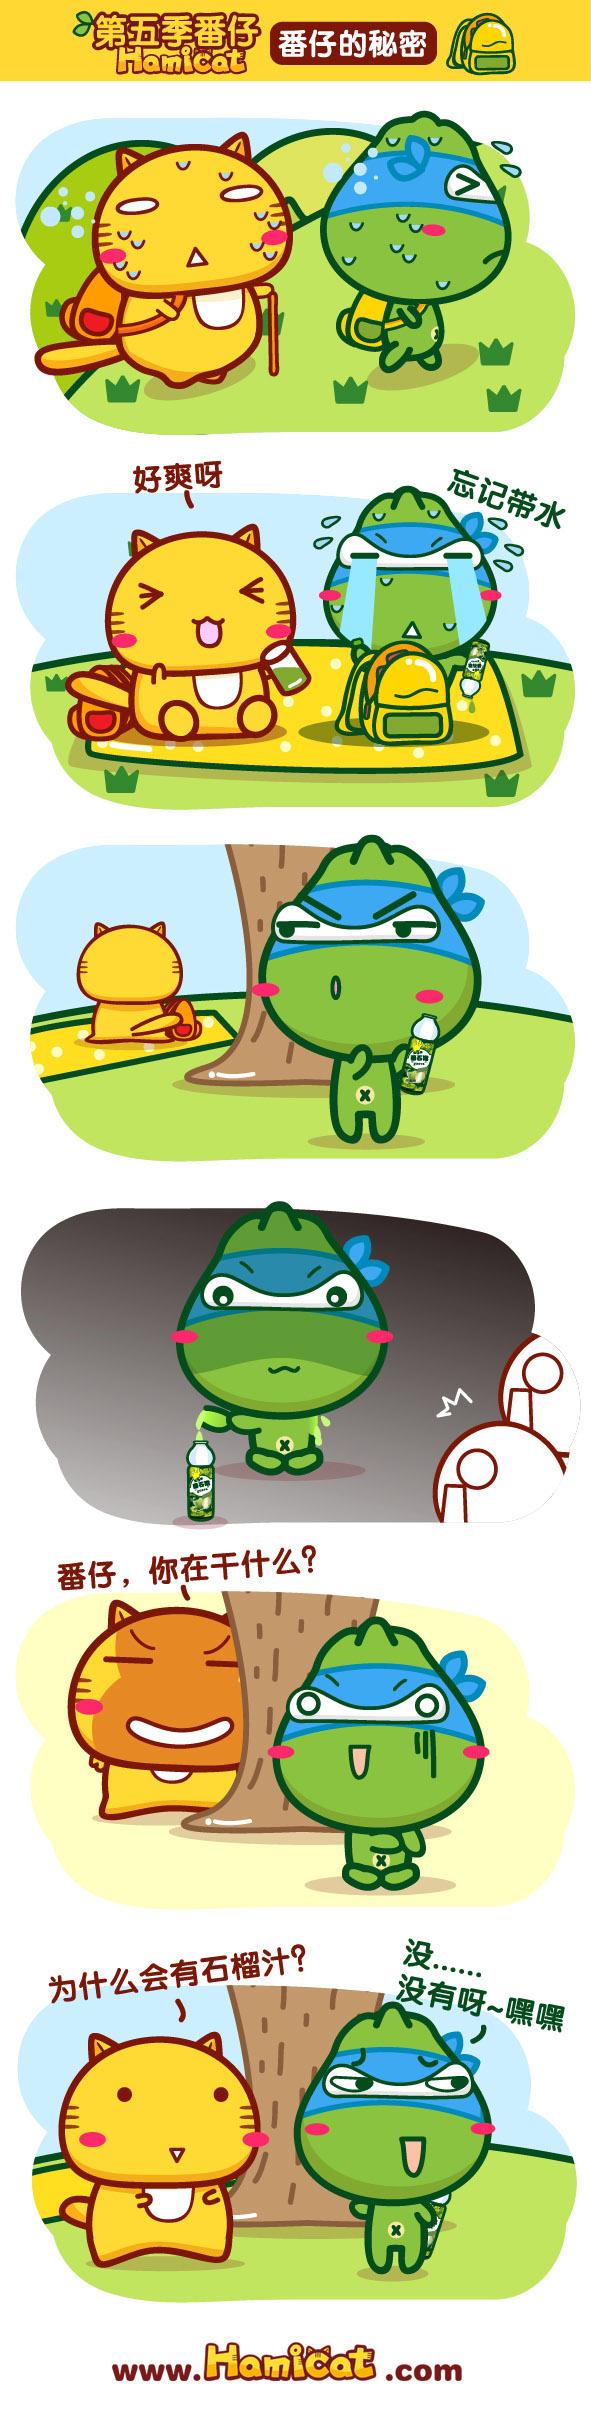 健力宝x哈咪猫漫画2月-05.jpg